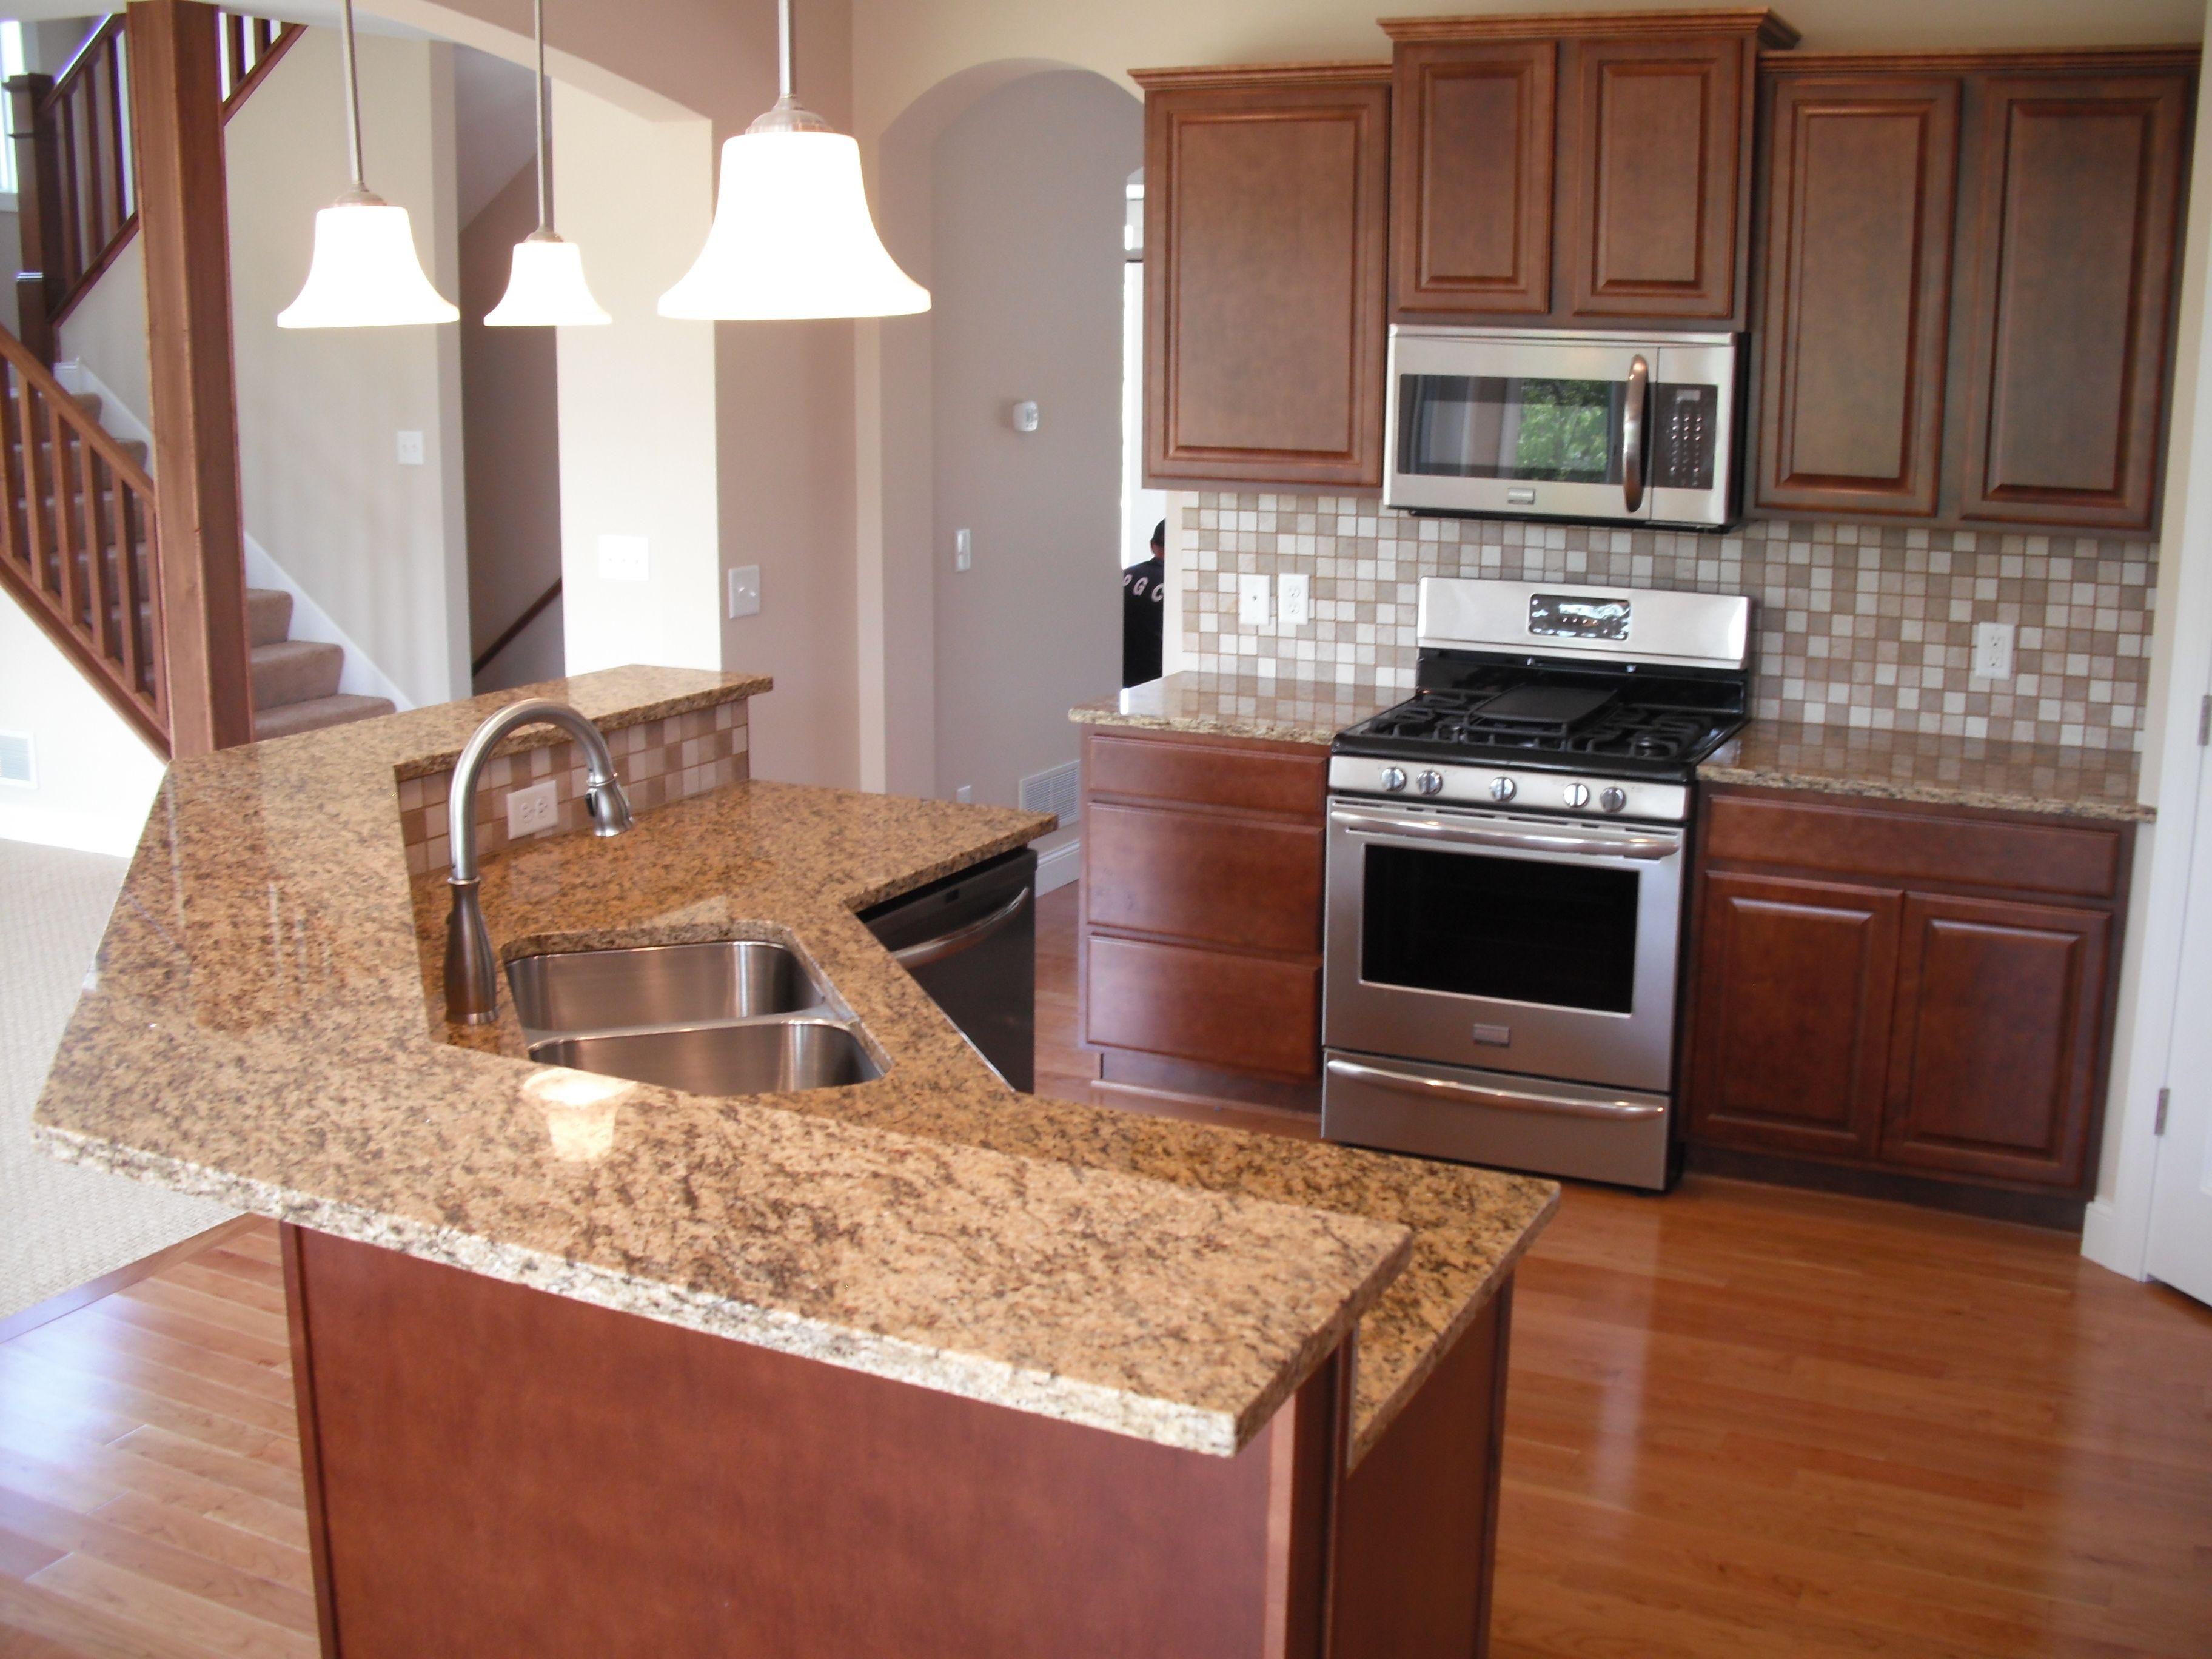 kitchen ideas granite kitchen island two tier kitchen island ideas St Cecilia Dark 2 Tiered Granite Island